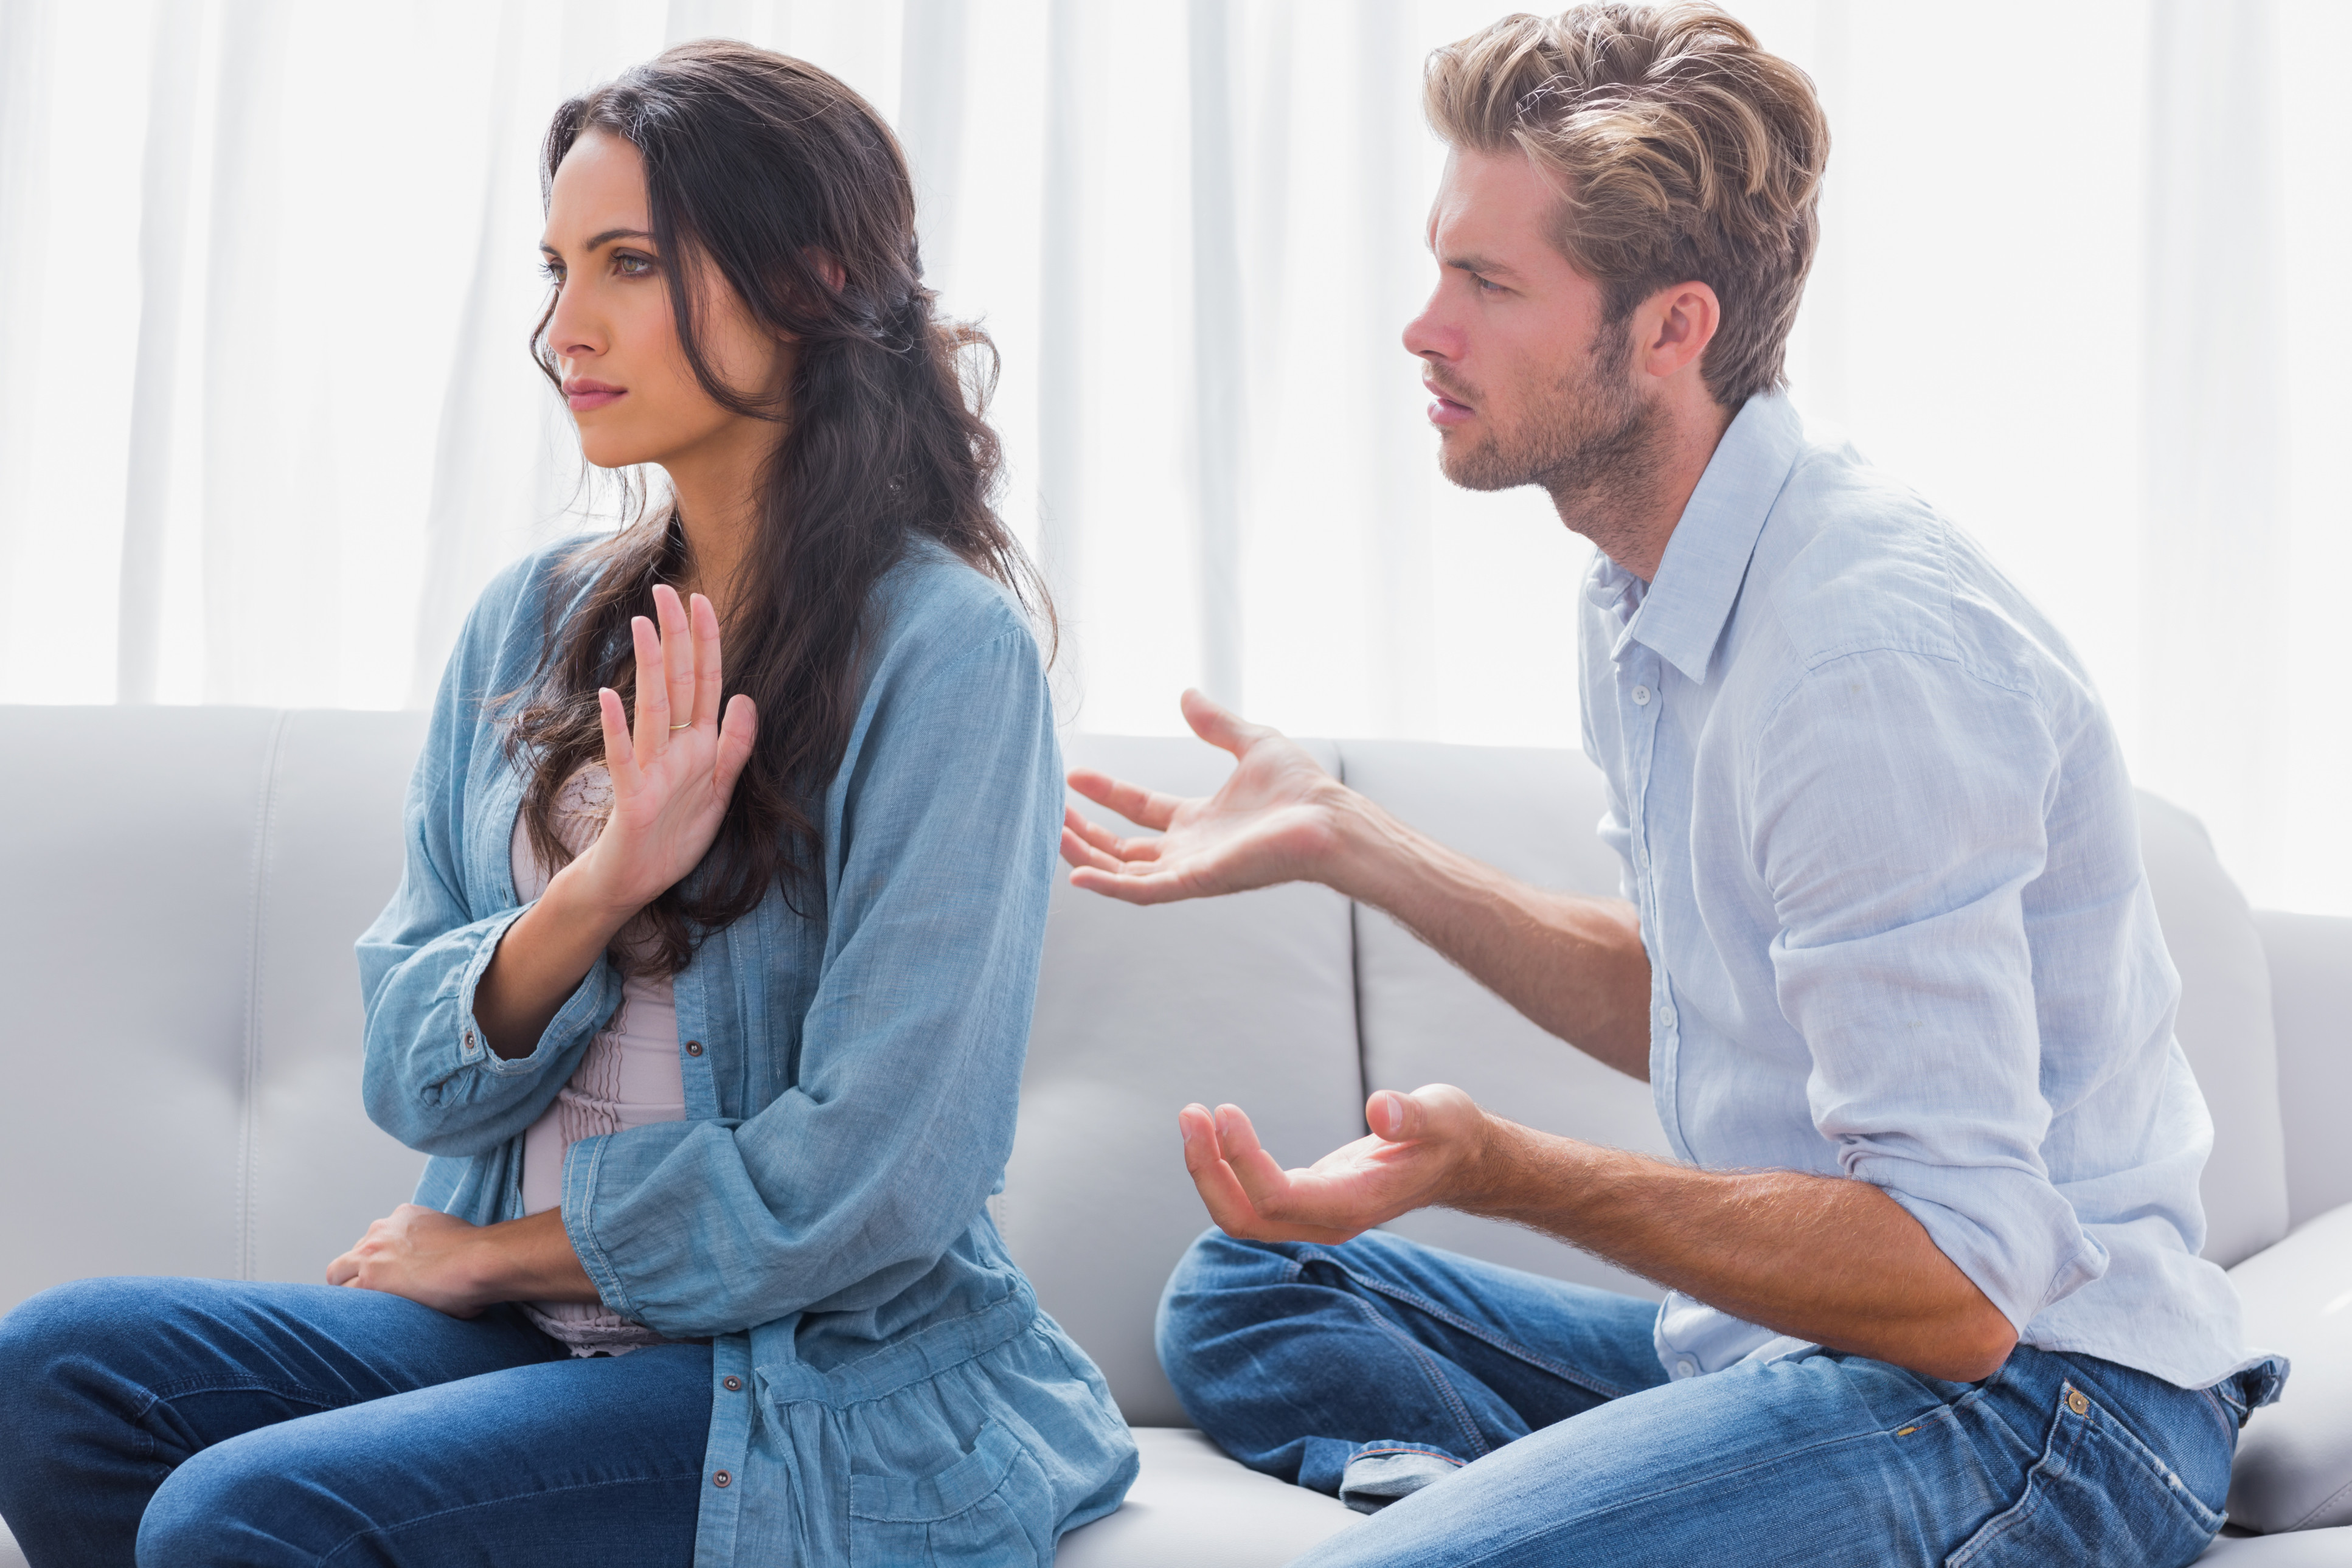 Как вести себя в конфликтной ситуации (7 простых правил)